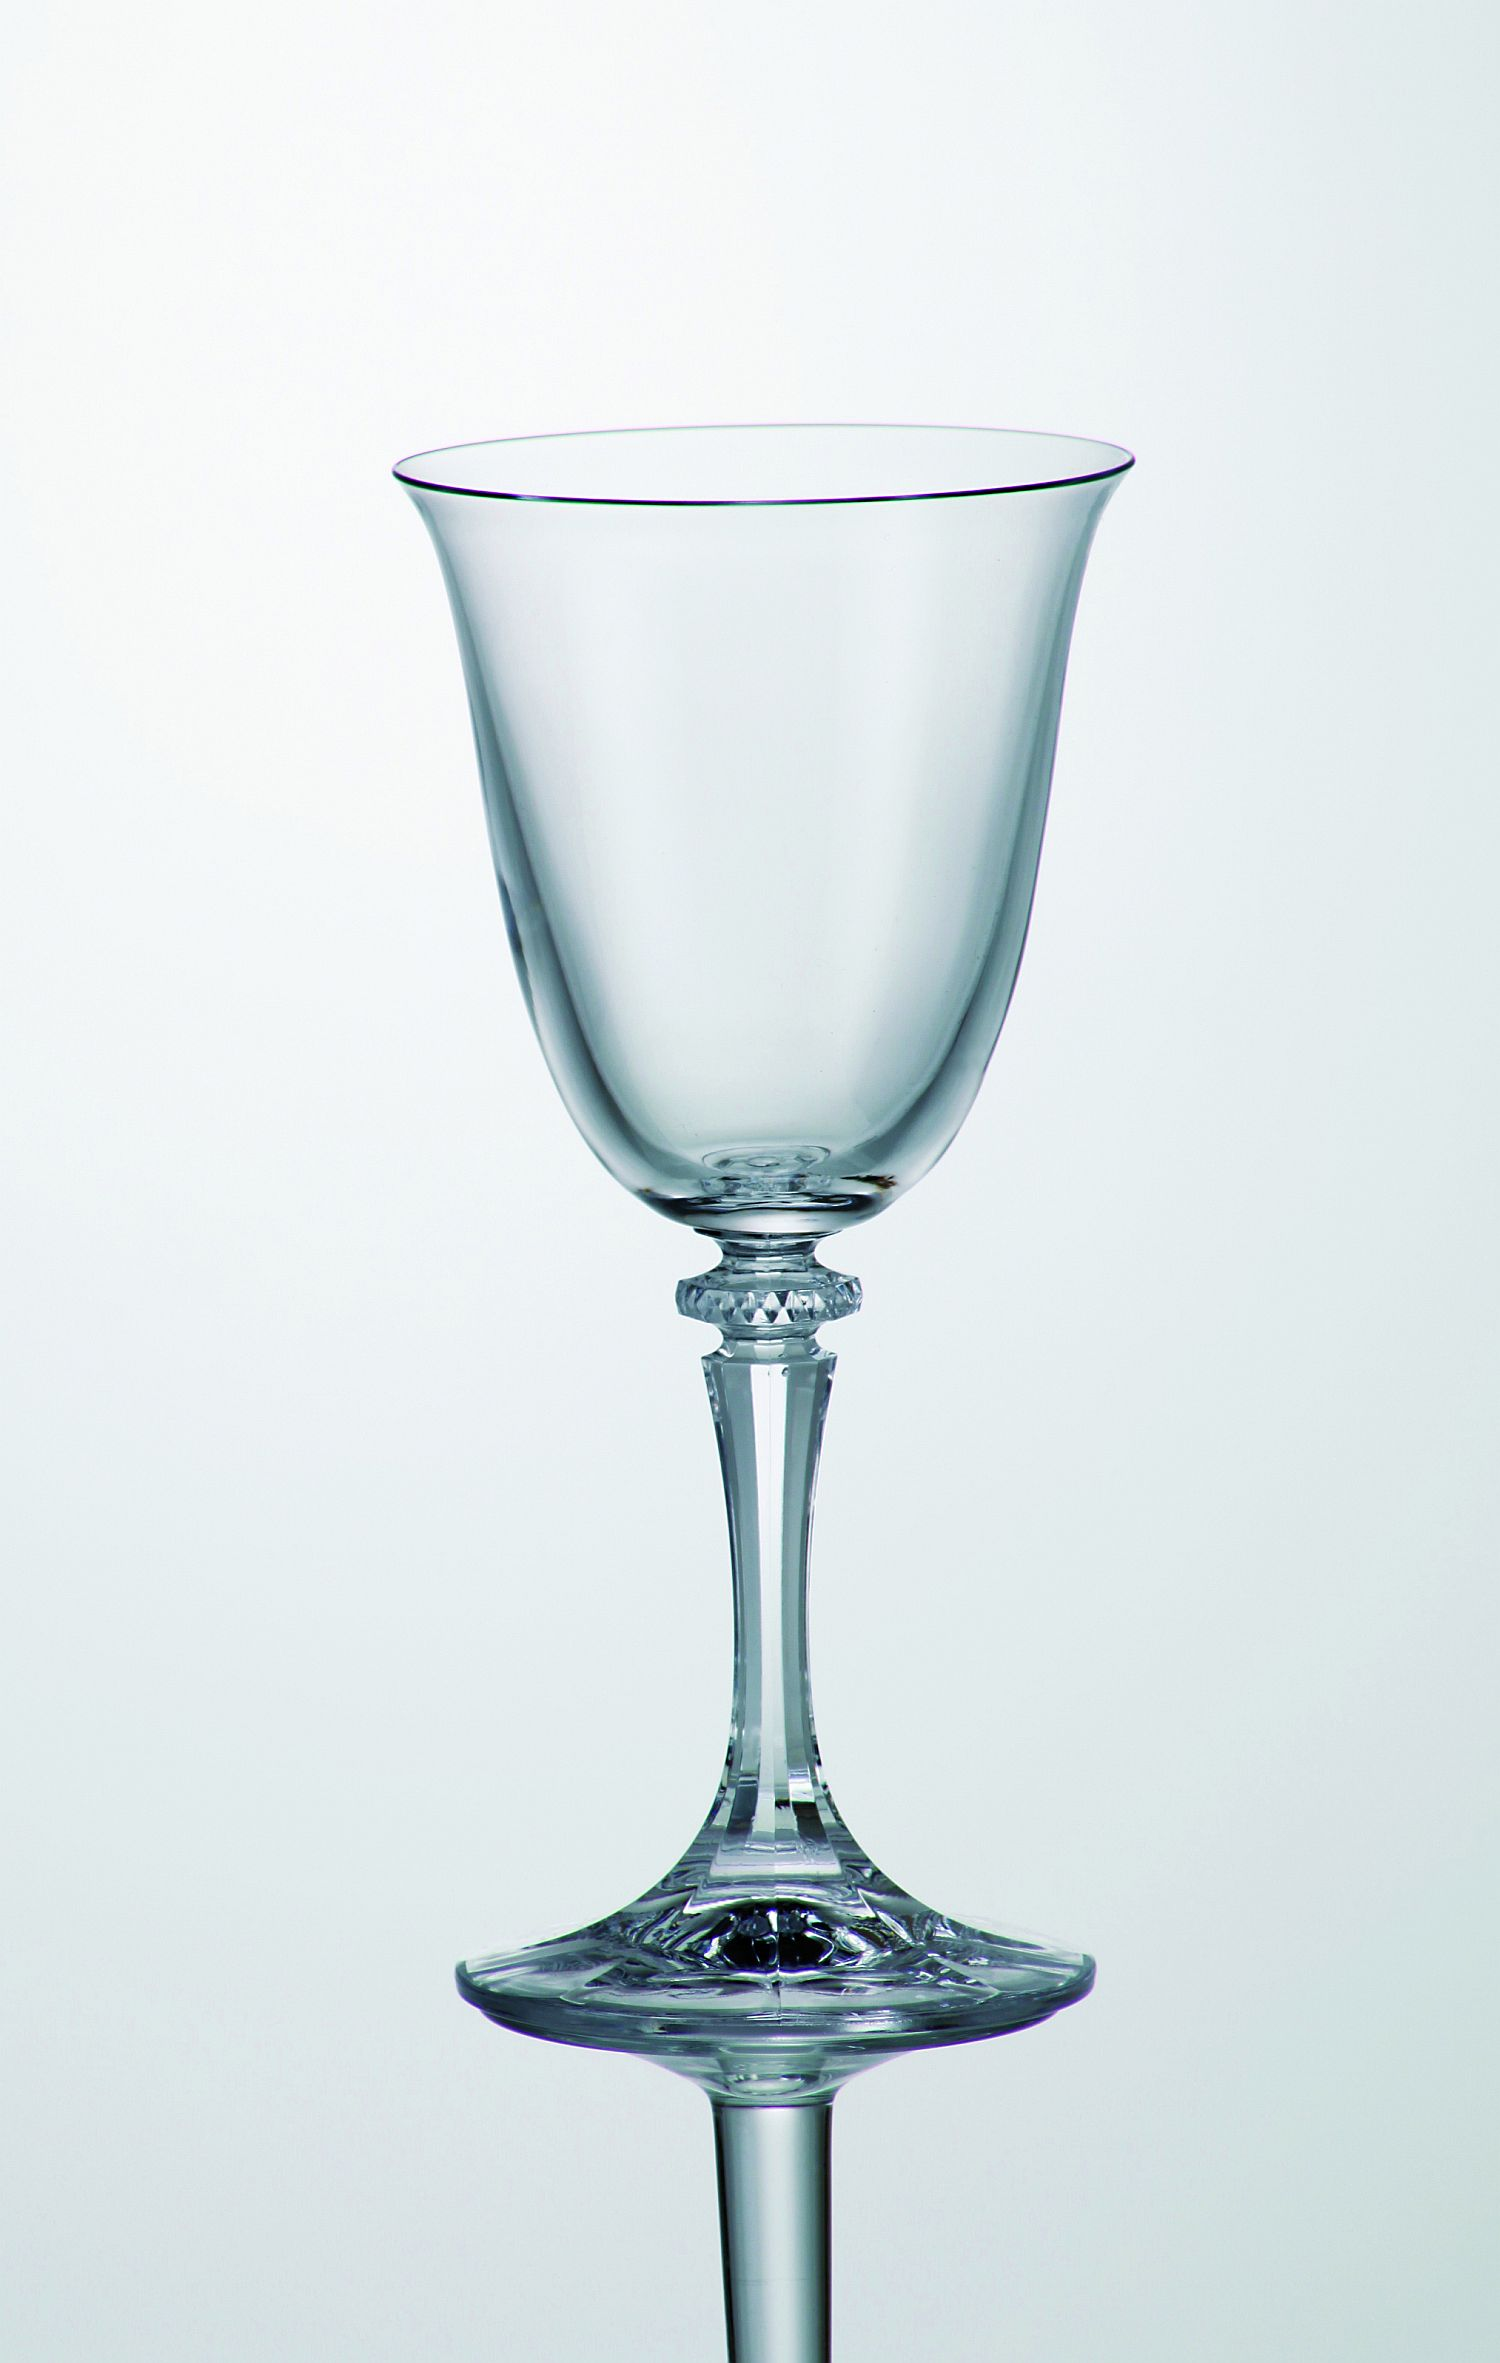 Sklen. 250ml, 6ks, KLEOPATRA/BRANTA bílé víno